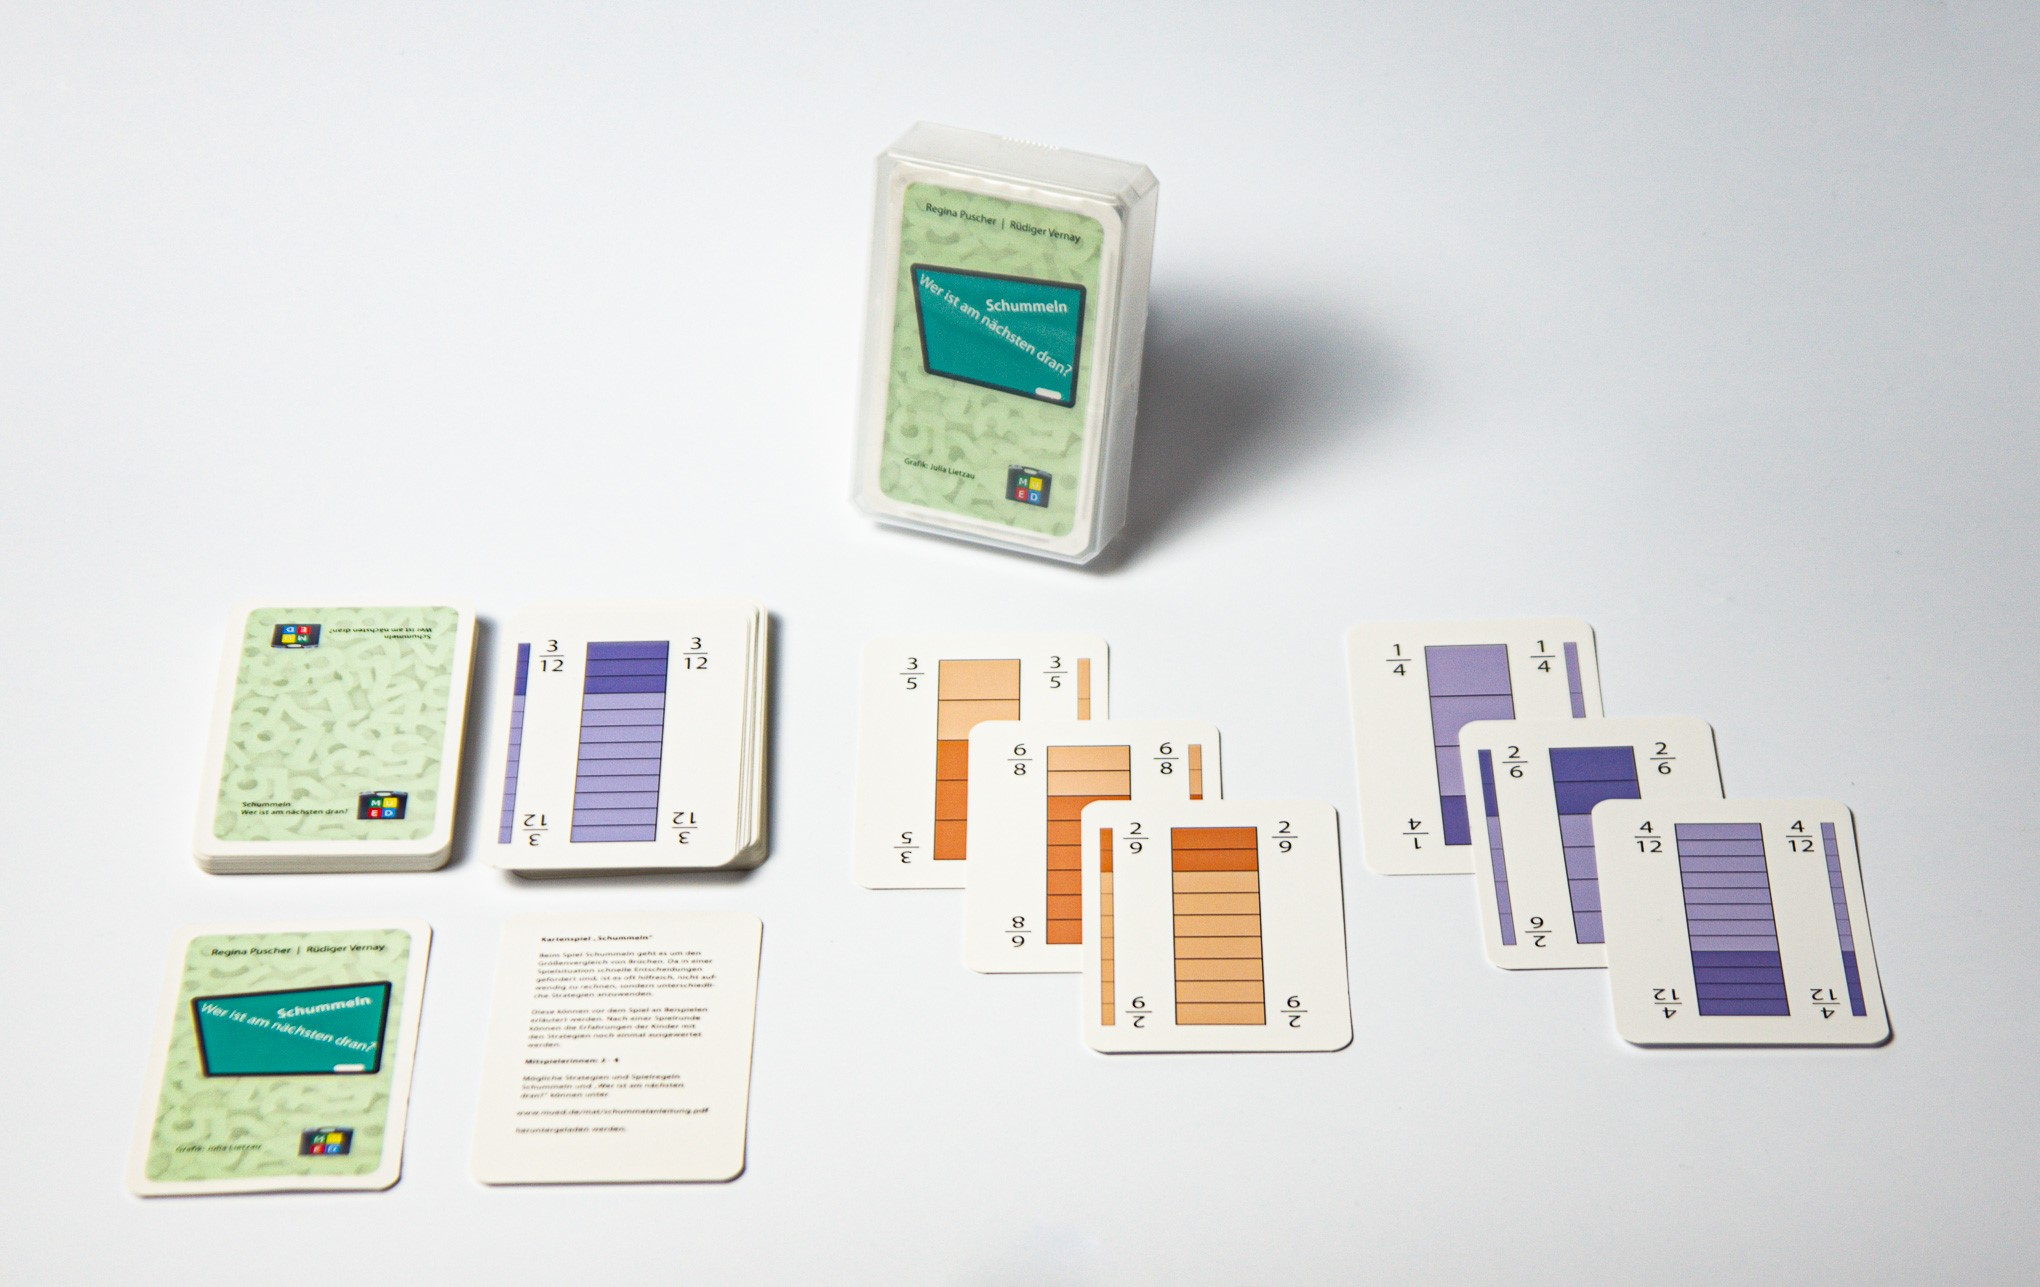 Kartenspiel Schummeln